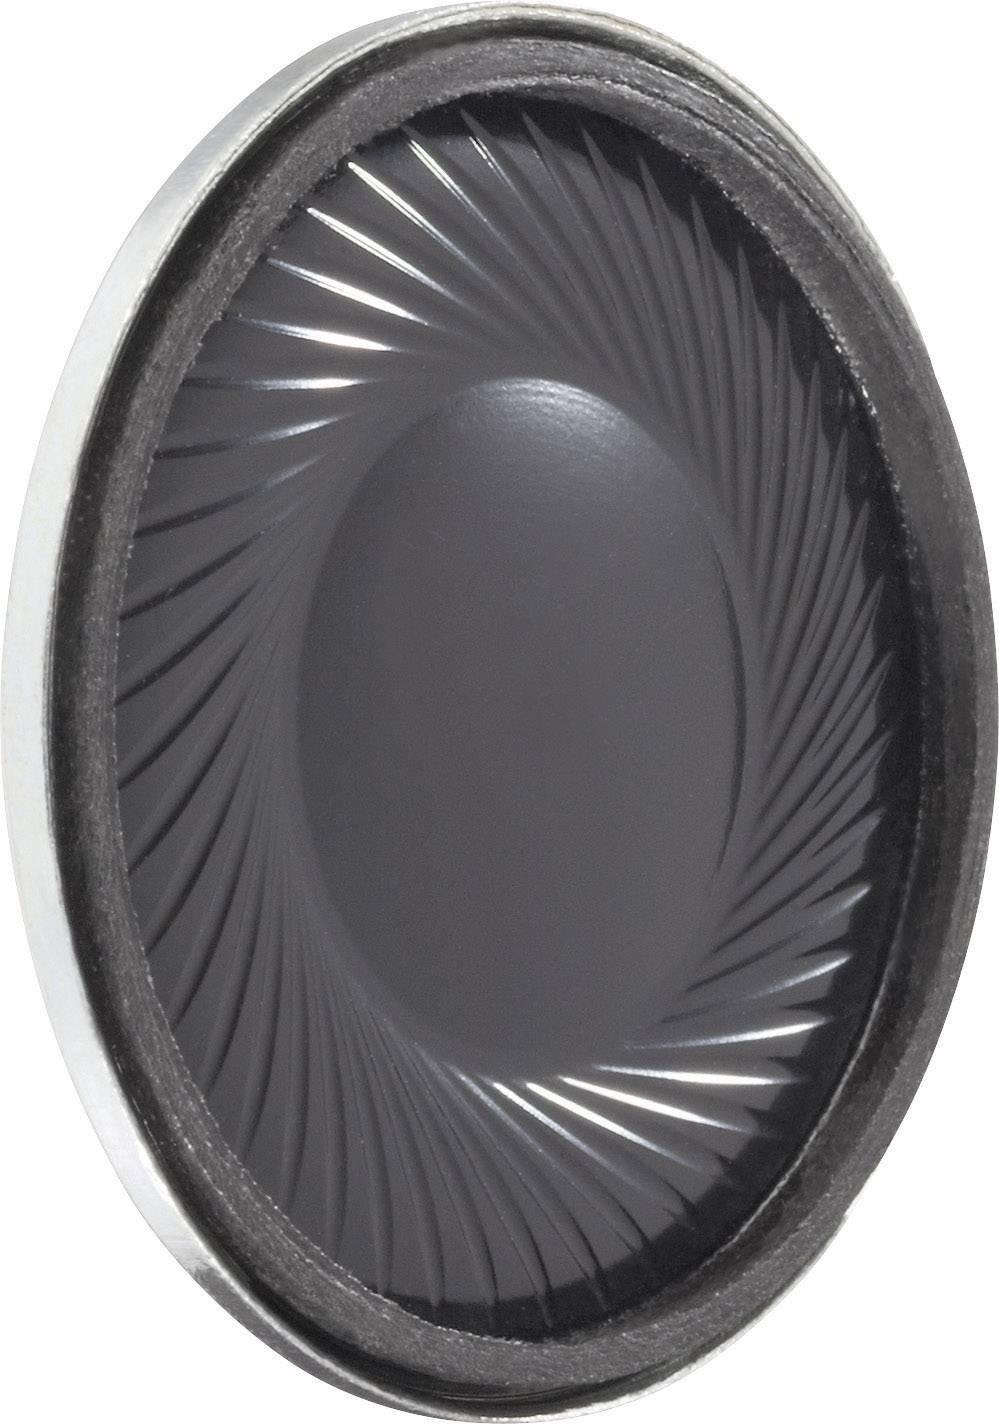 70 dB  Spannung 30 V PSNK3530L Piezokeramisches Element Geräusch-Entwicklung